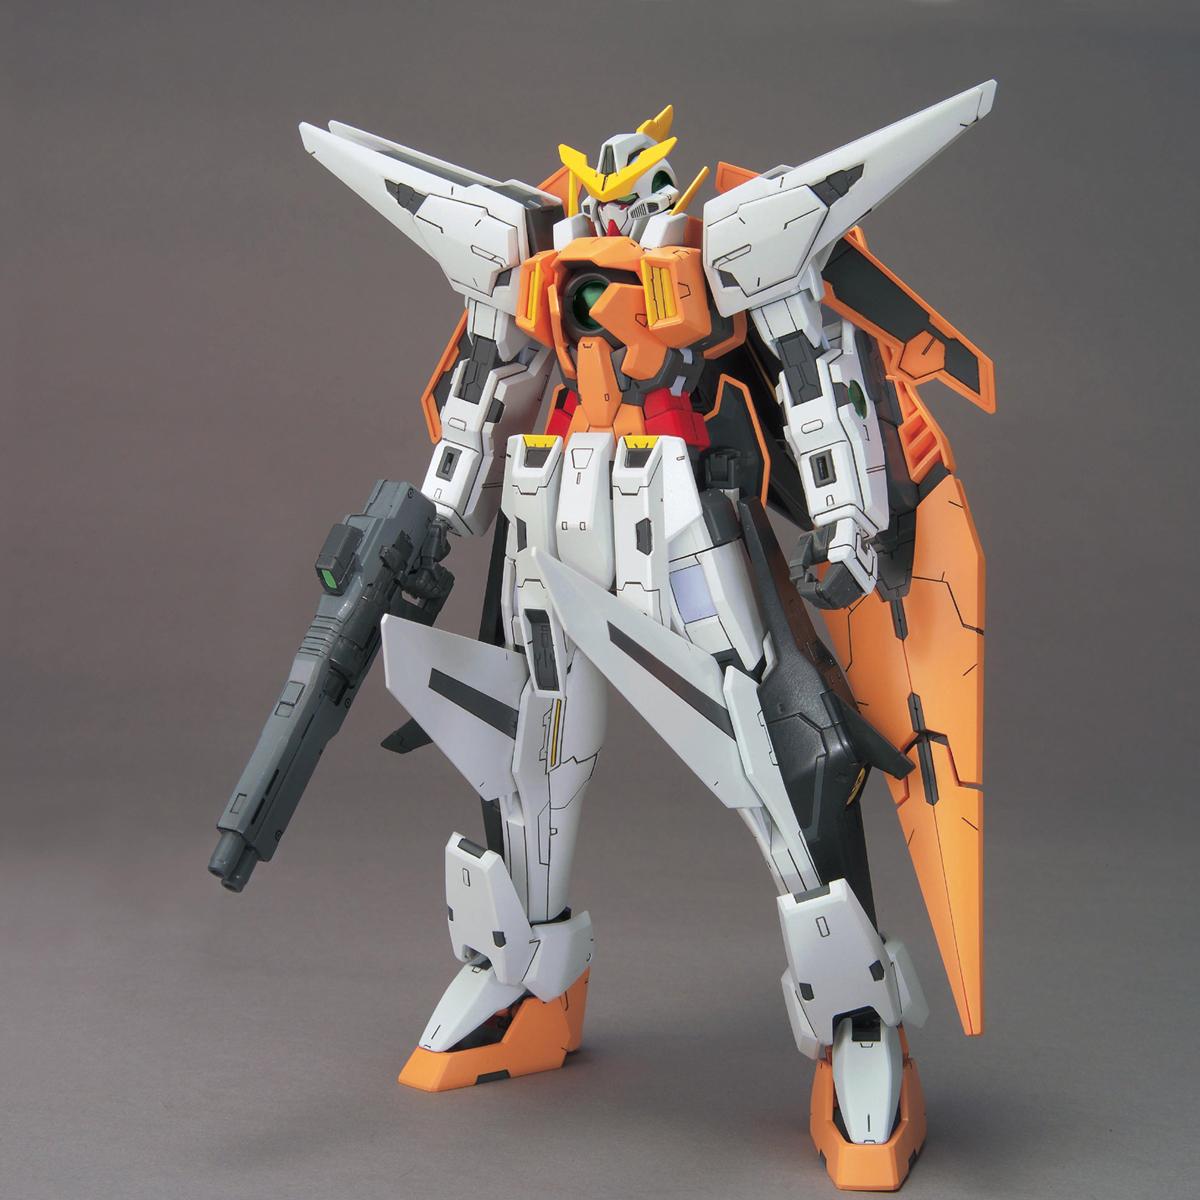 889231/100 GN-003 ガンダムキュリオス [Gundam Kyrios]